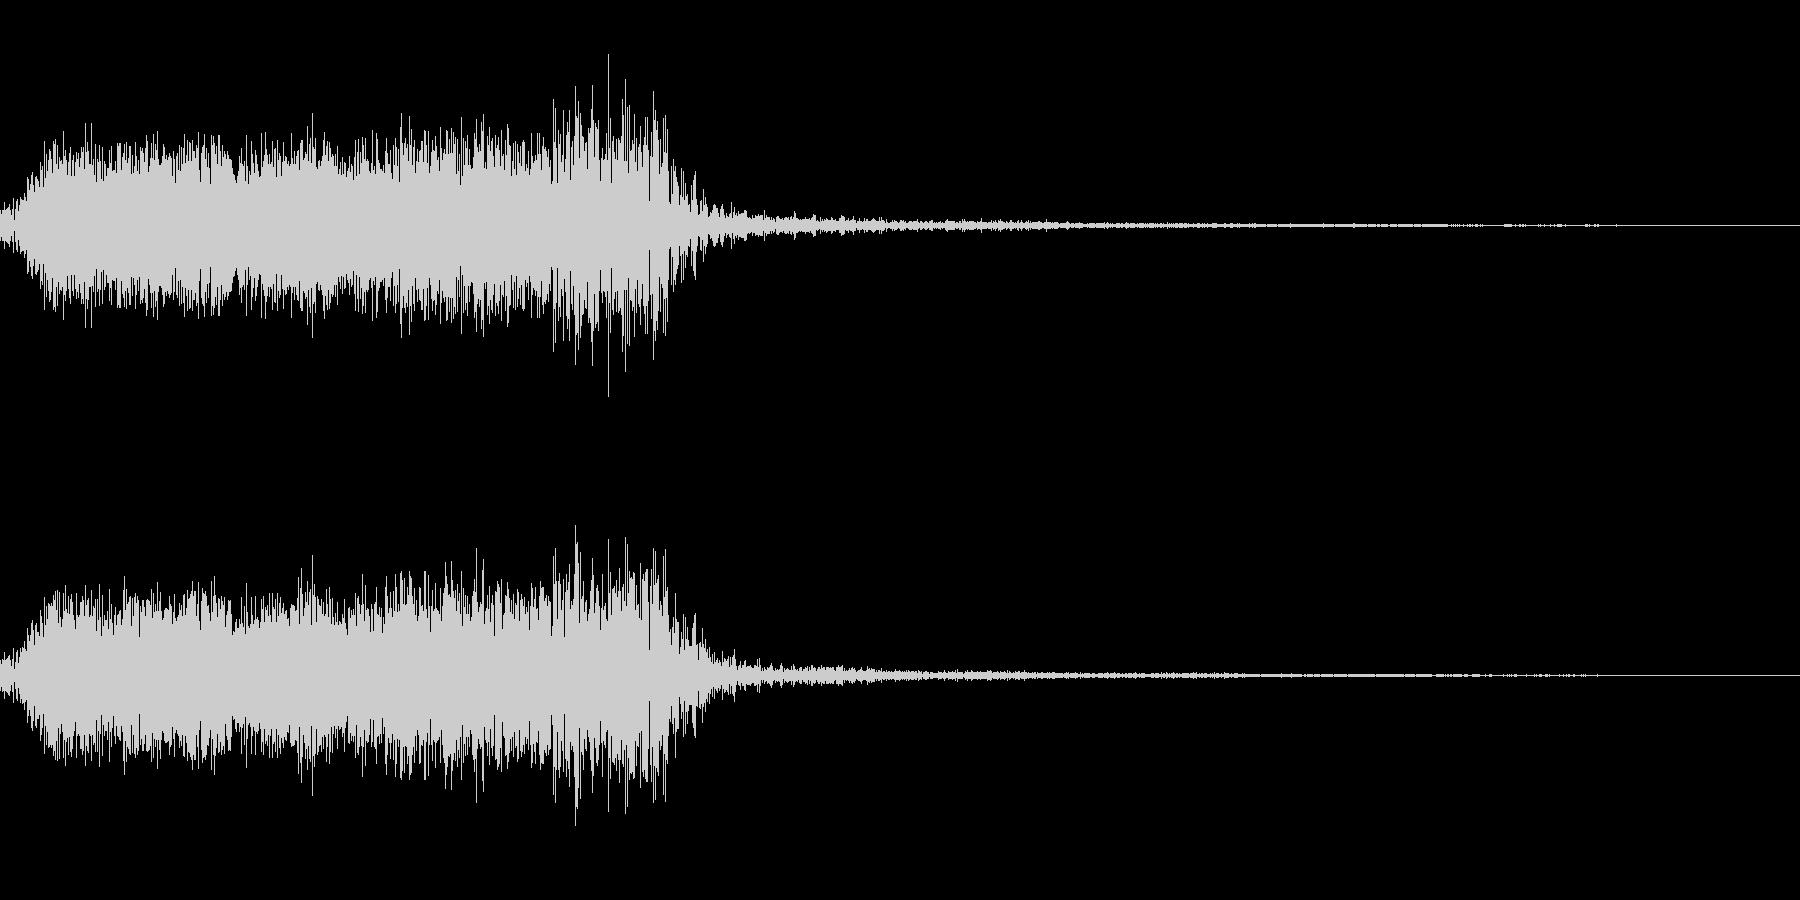 ギュィーーーン(ギタースクラッチ音)の未再生の波形